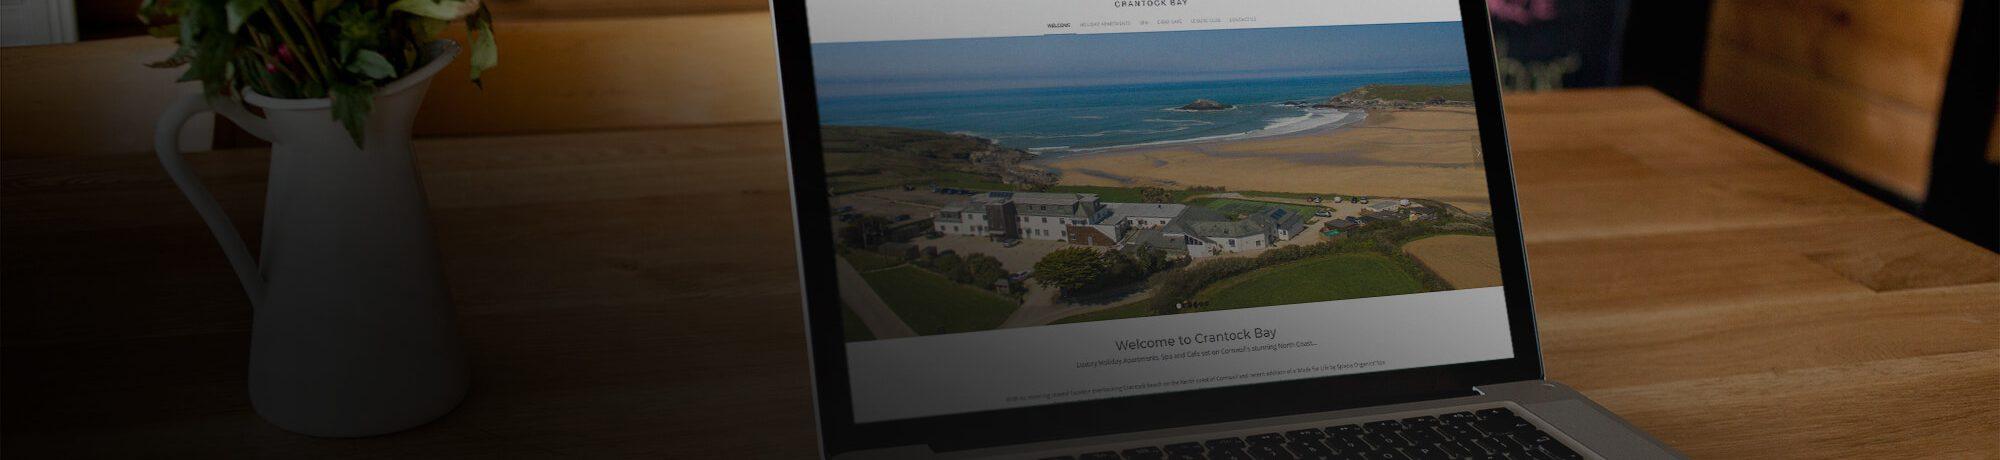 crantock bay website main 2000x460 - Crantock Bay